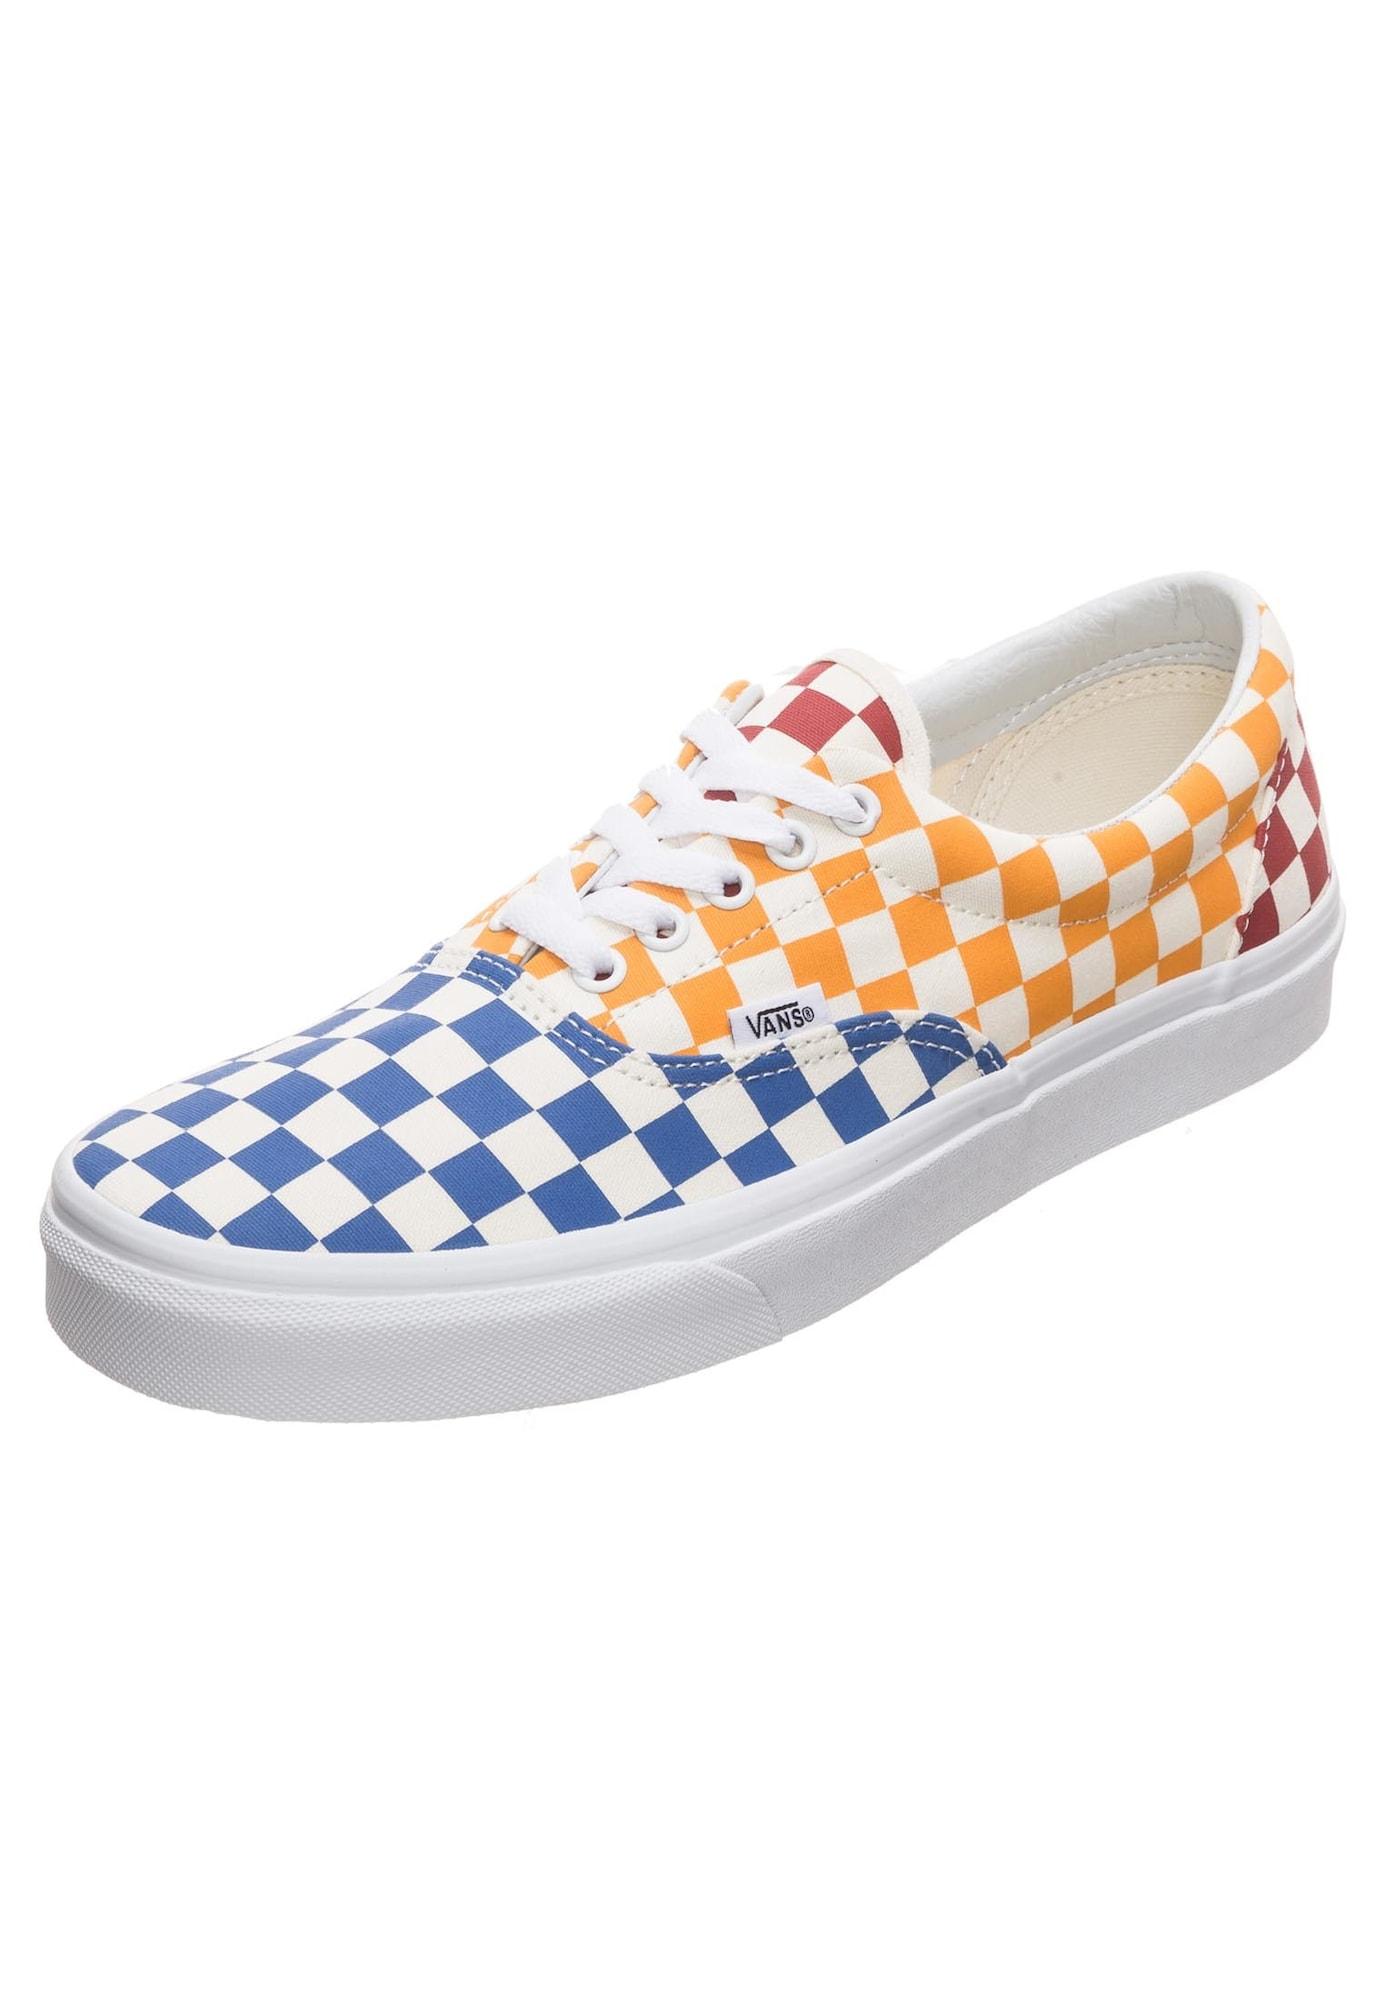 VANS, Heren Sneakers laag 'Era', royal blue/koningsblauw / goudgeel / vuurrood / wit